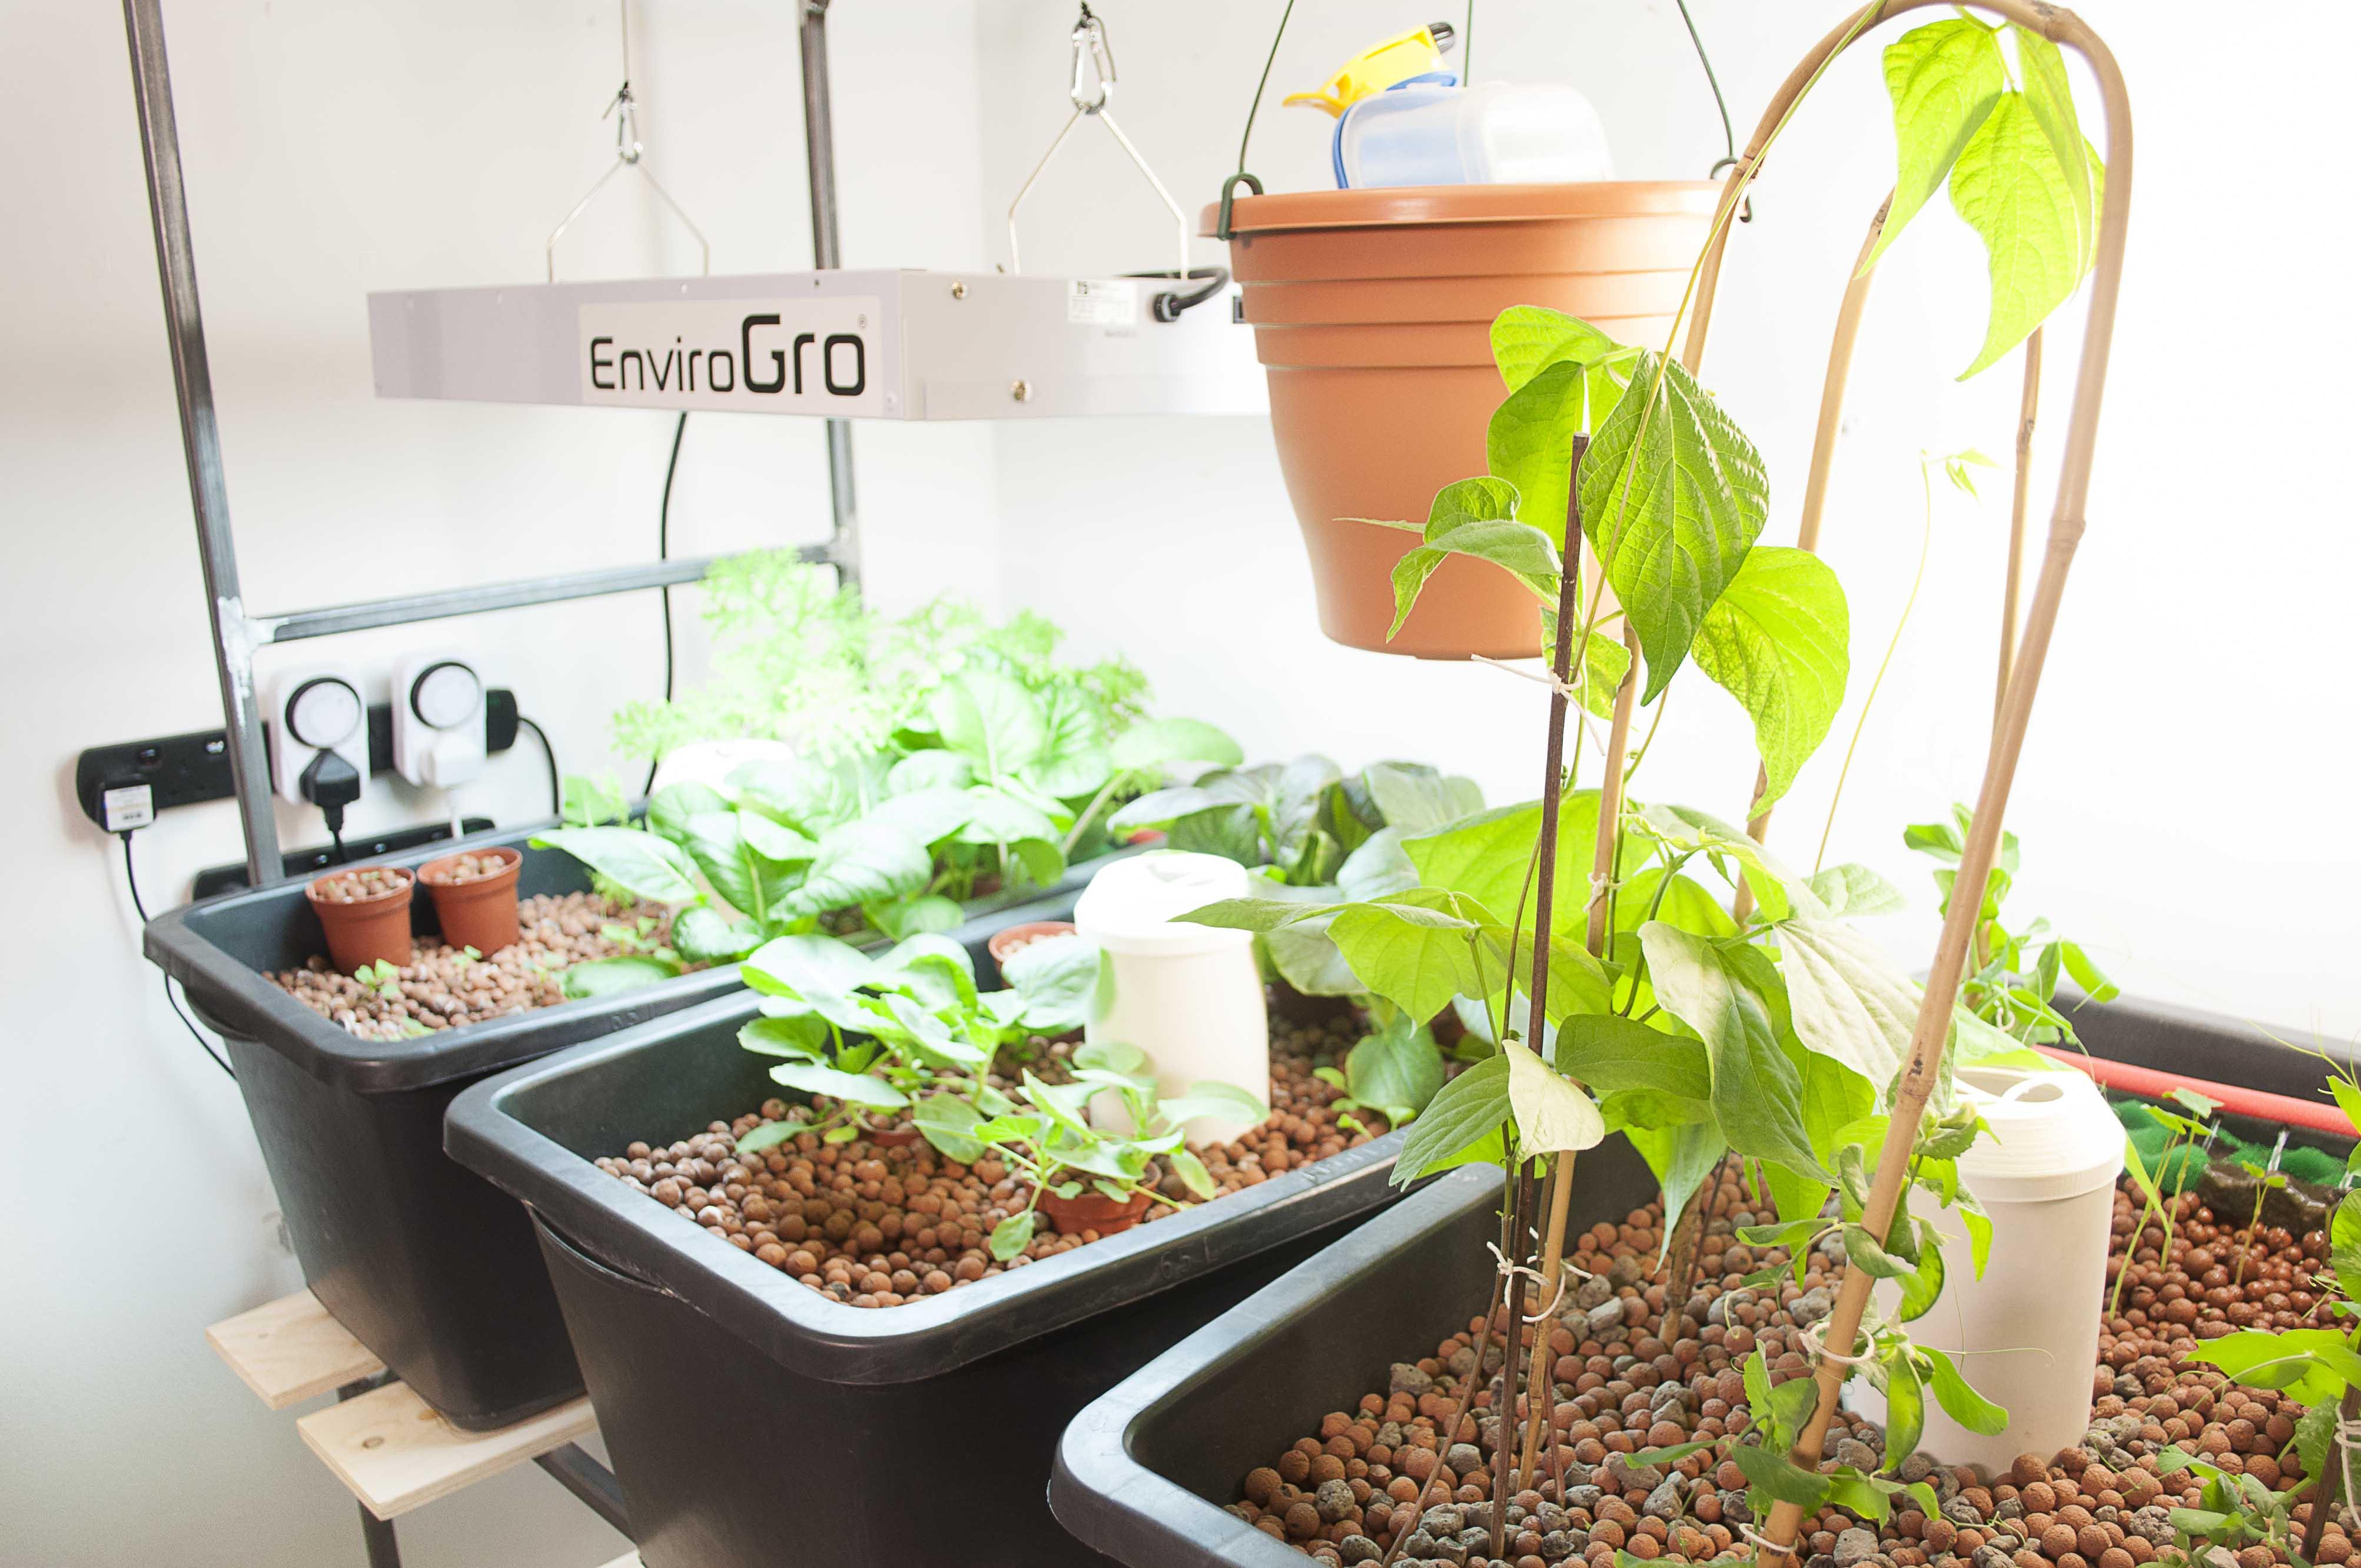 Aquaponics system experiments in aquaponics for Aquaponics grow bed